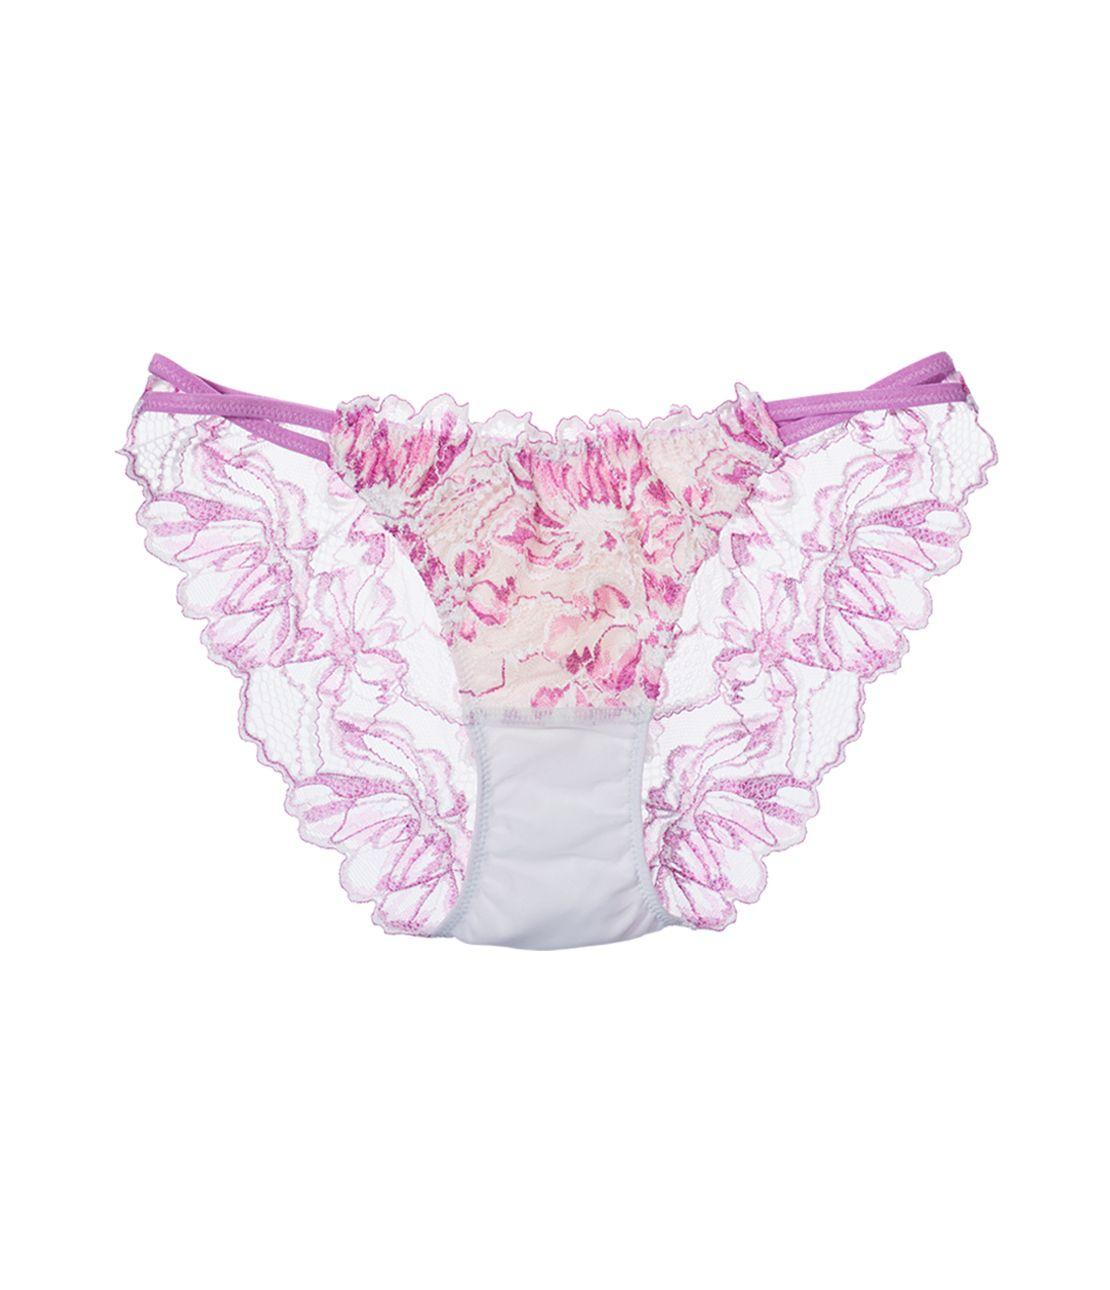 初步數據賣方Nudi(R)內褲